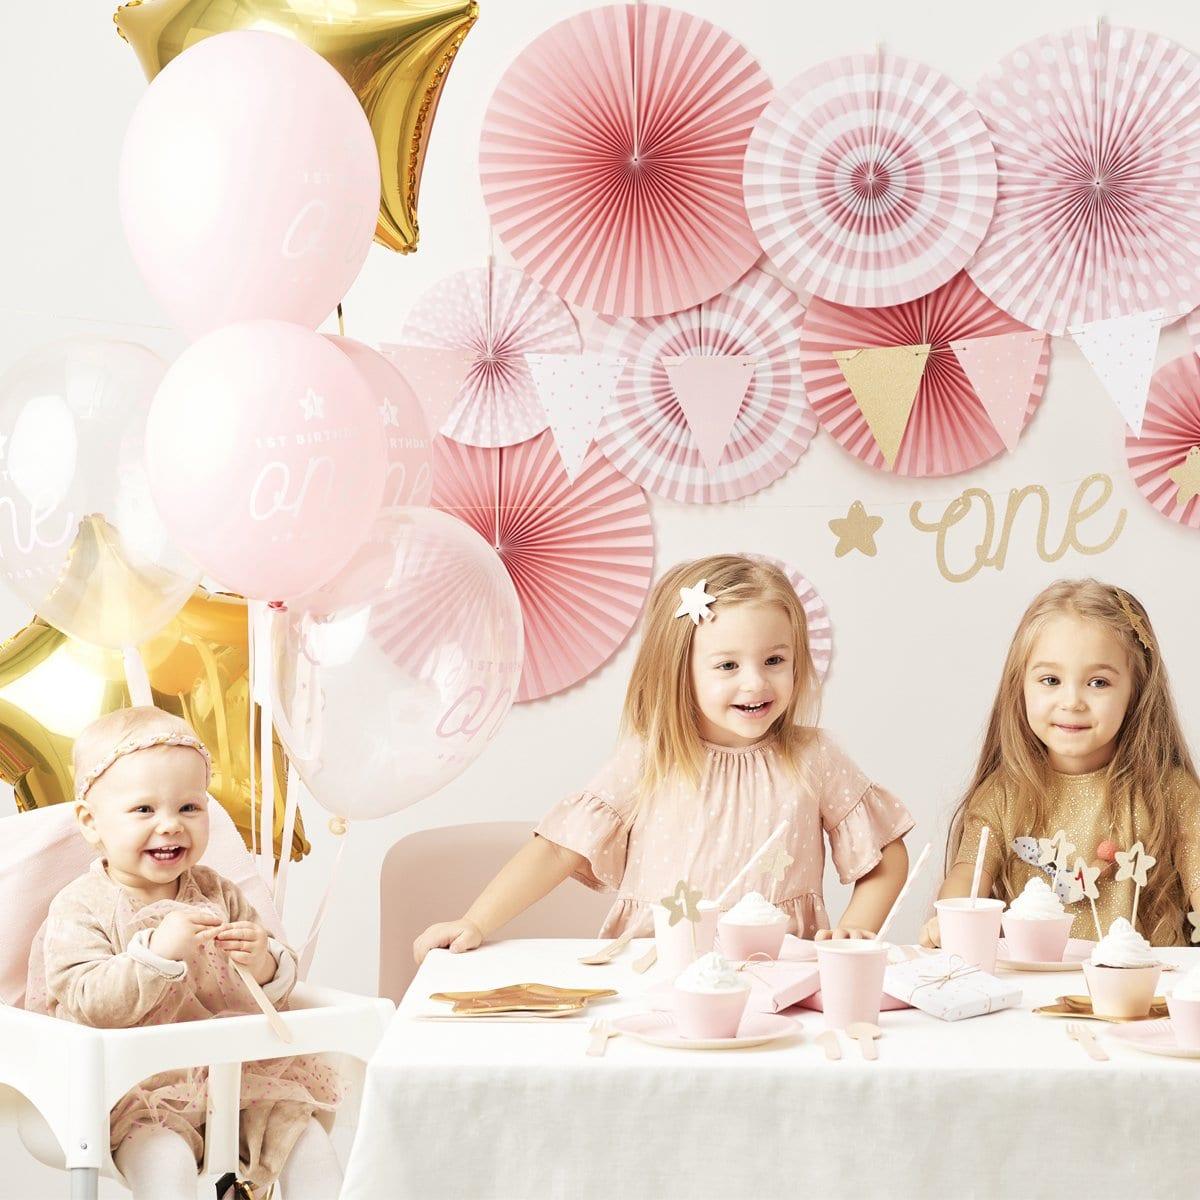 Set decoraci n primer cumplea os rosa mimarieta - Decoracion primer cumpleanos ...